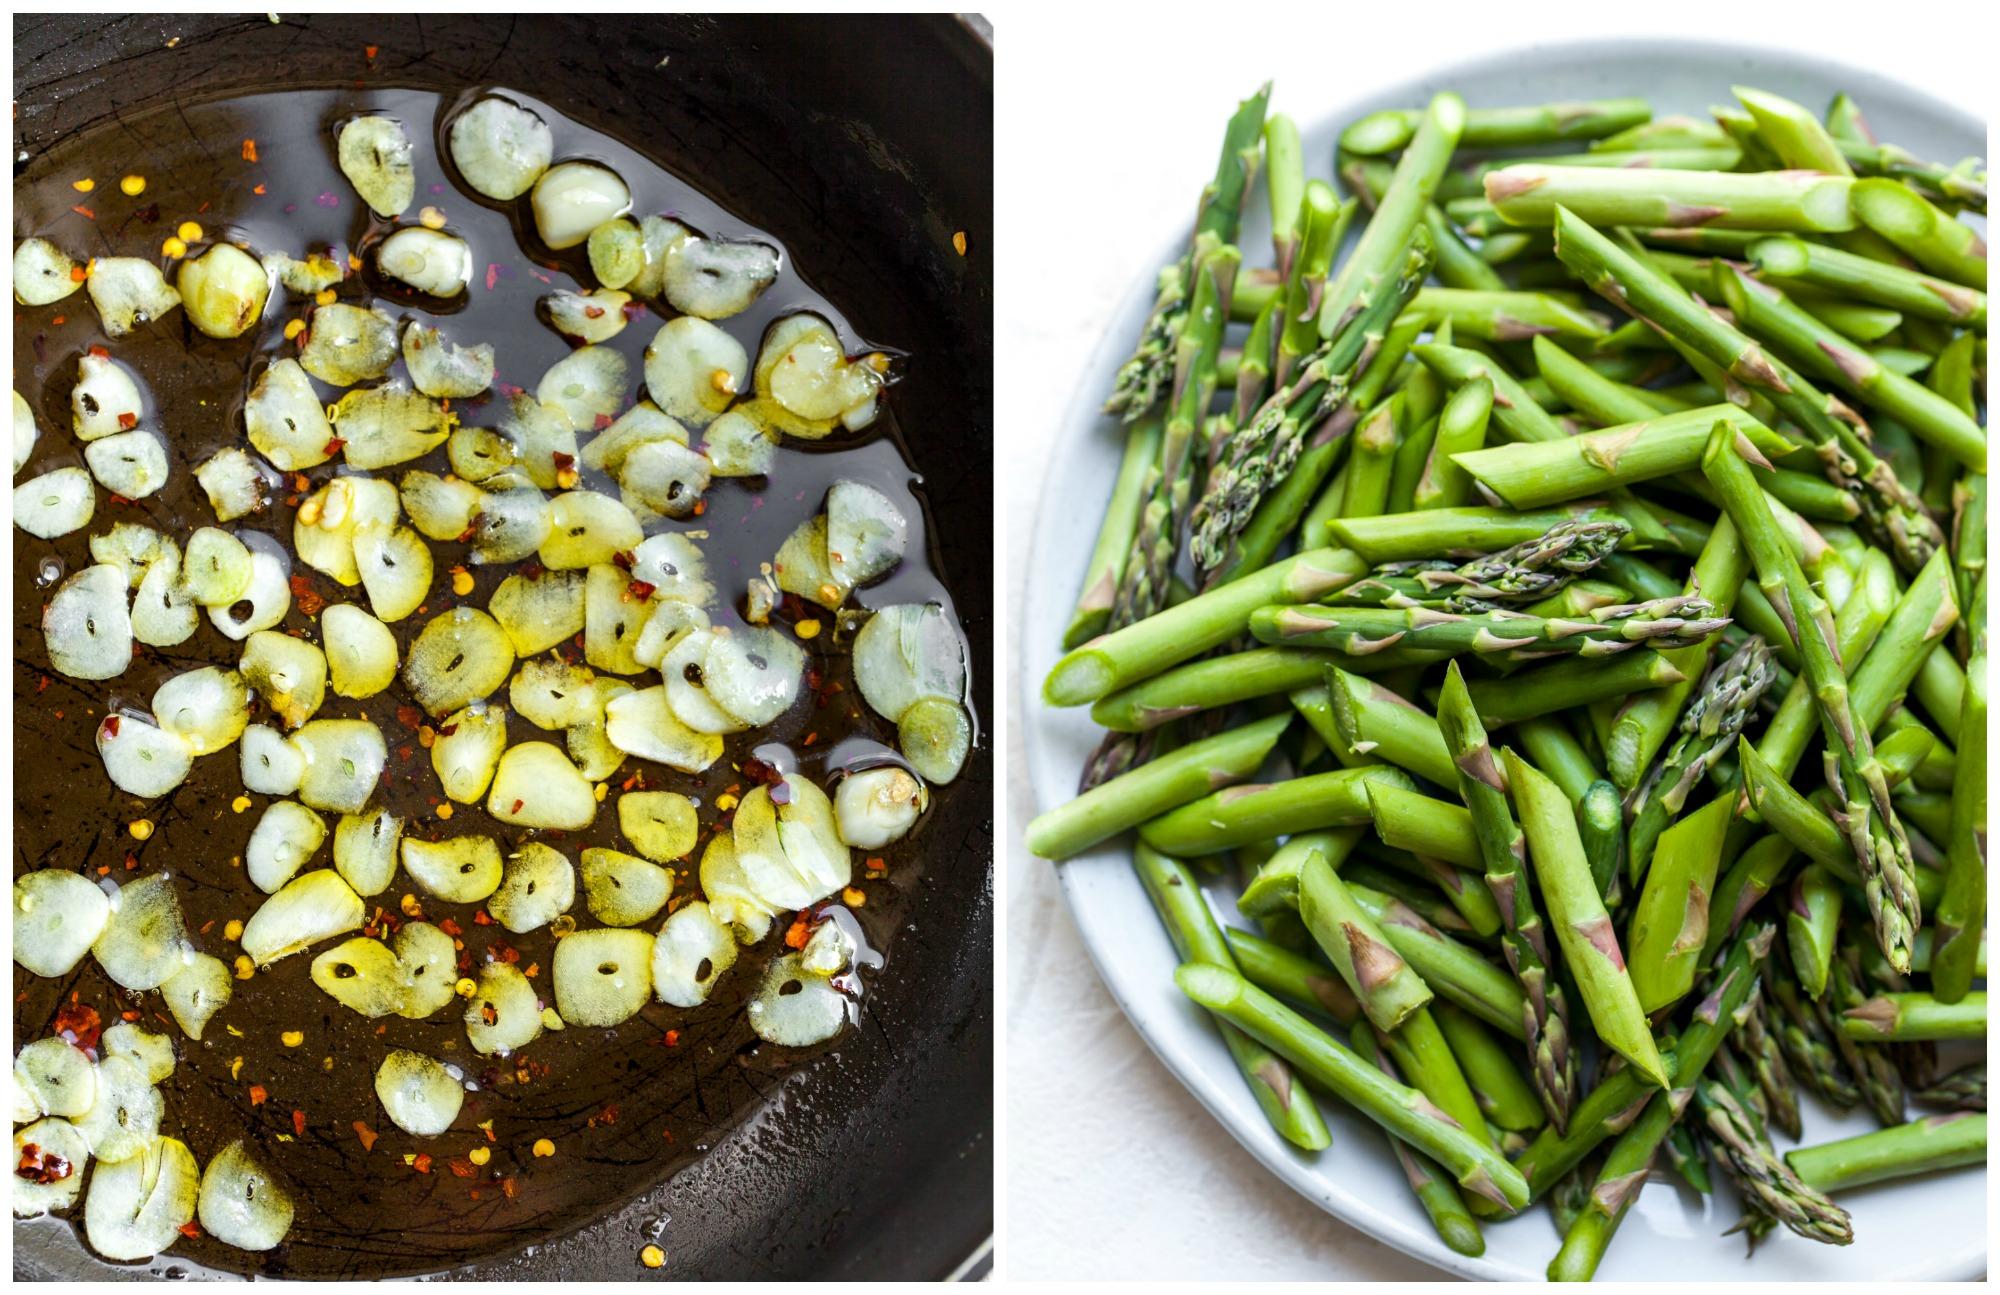 Sautéed garlic in a pan and chopped asparagus